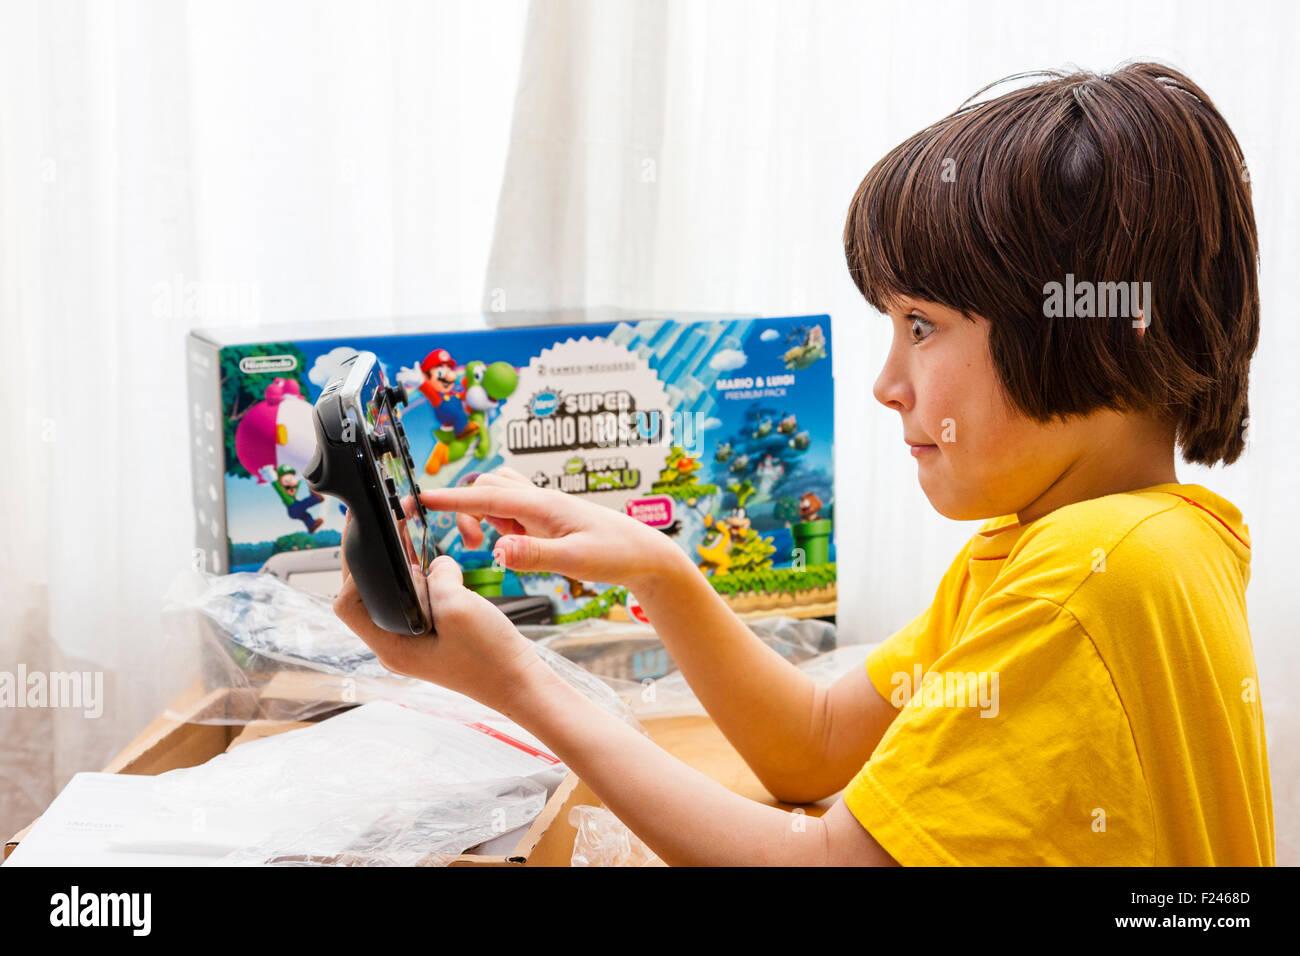 Kaukasische Kind, Tweens, 10 bis 12 Jahre alt, hält in beiden Händen Spielkonsole Nintendo Wii U, suchen Stockbild